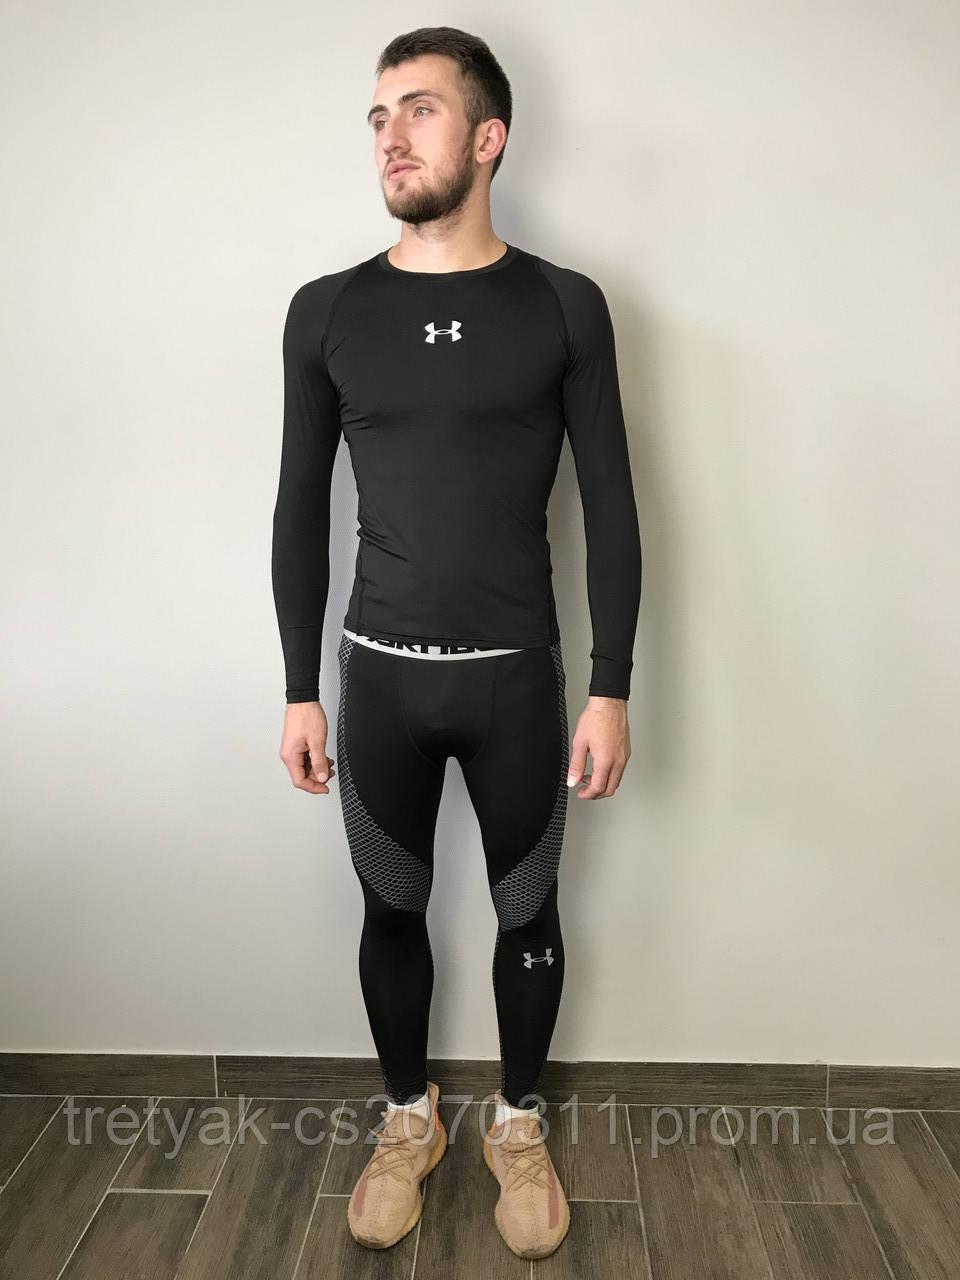 Комплект костюм спортивный компрессионный мужской  Under Armour Андер Армоур  ( S,M, L,XL)